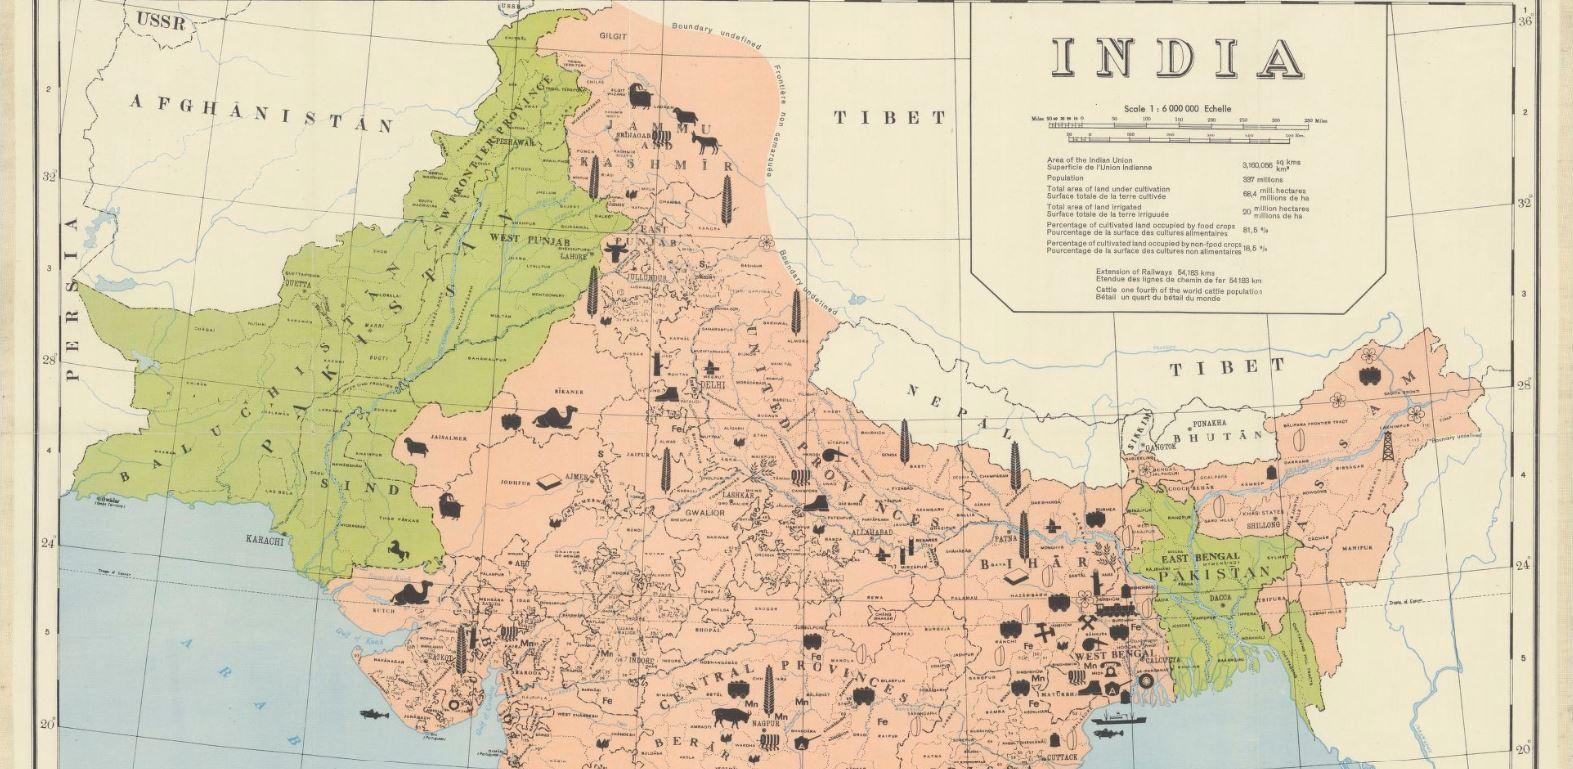 Carte des Indes au lendemain de l'indépendance  (Union indienne en rouge et Pakistan en vert), Kümmerly & Frey, 1948 - source : Gallica-BnF